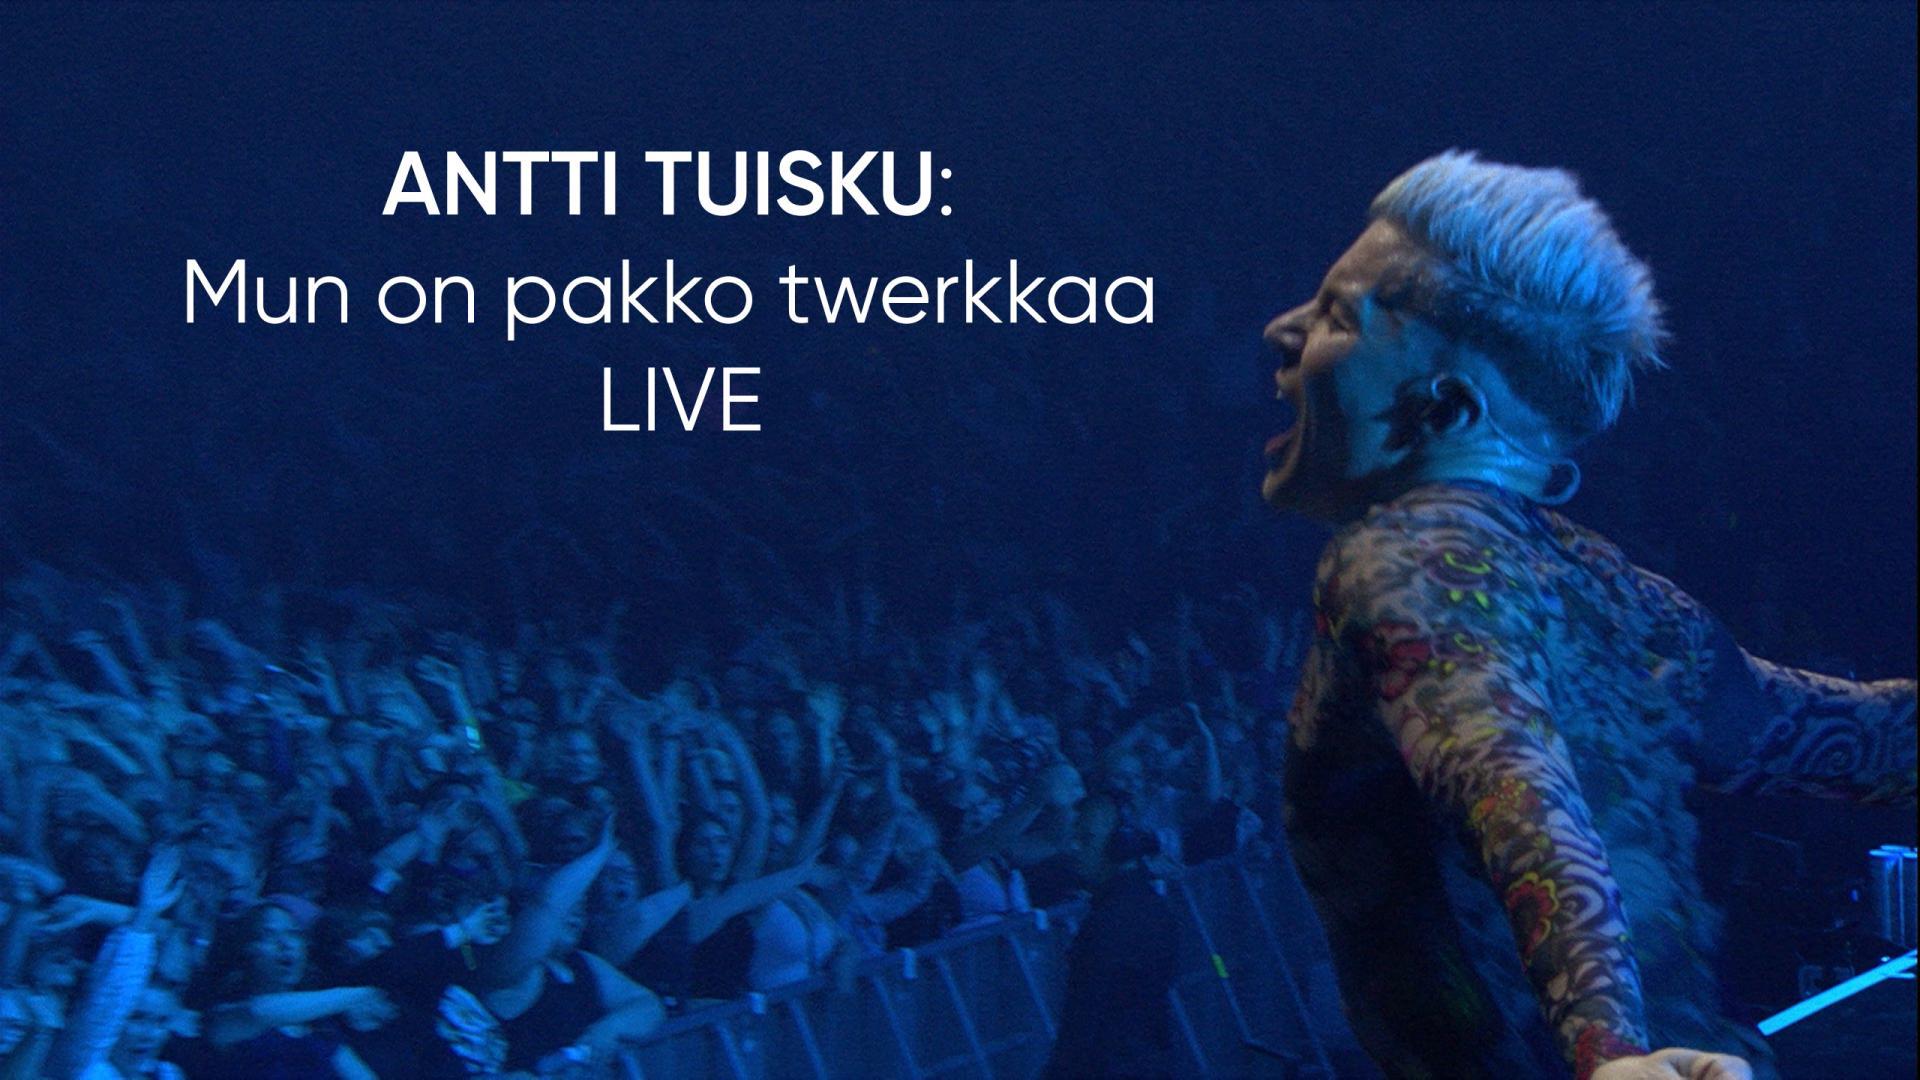 Antti Tuisku Twerkkaa